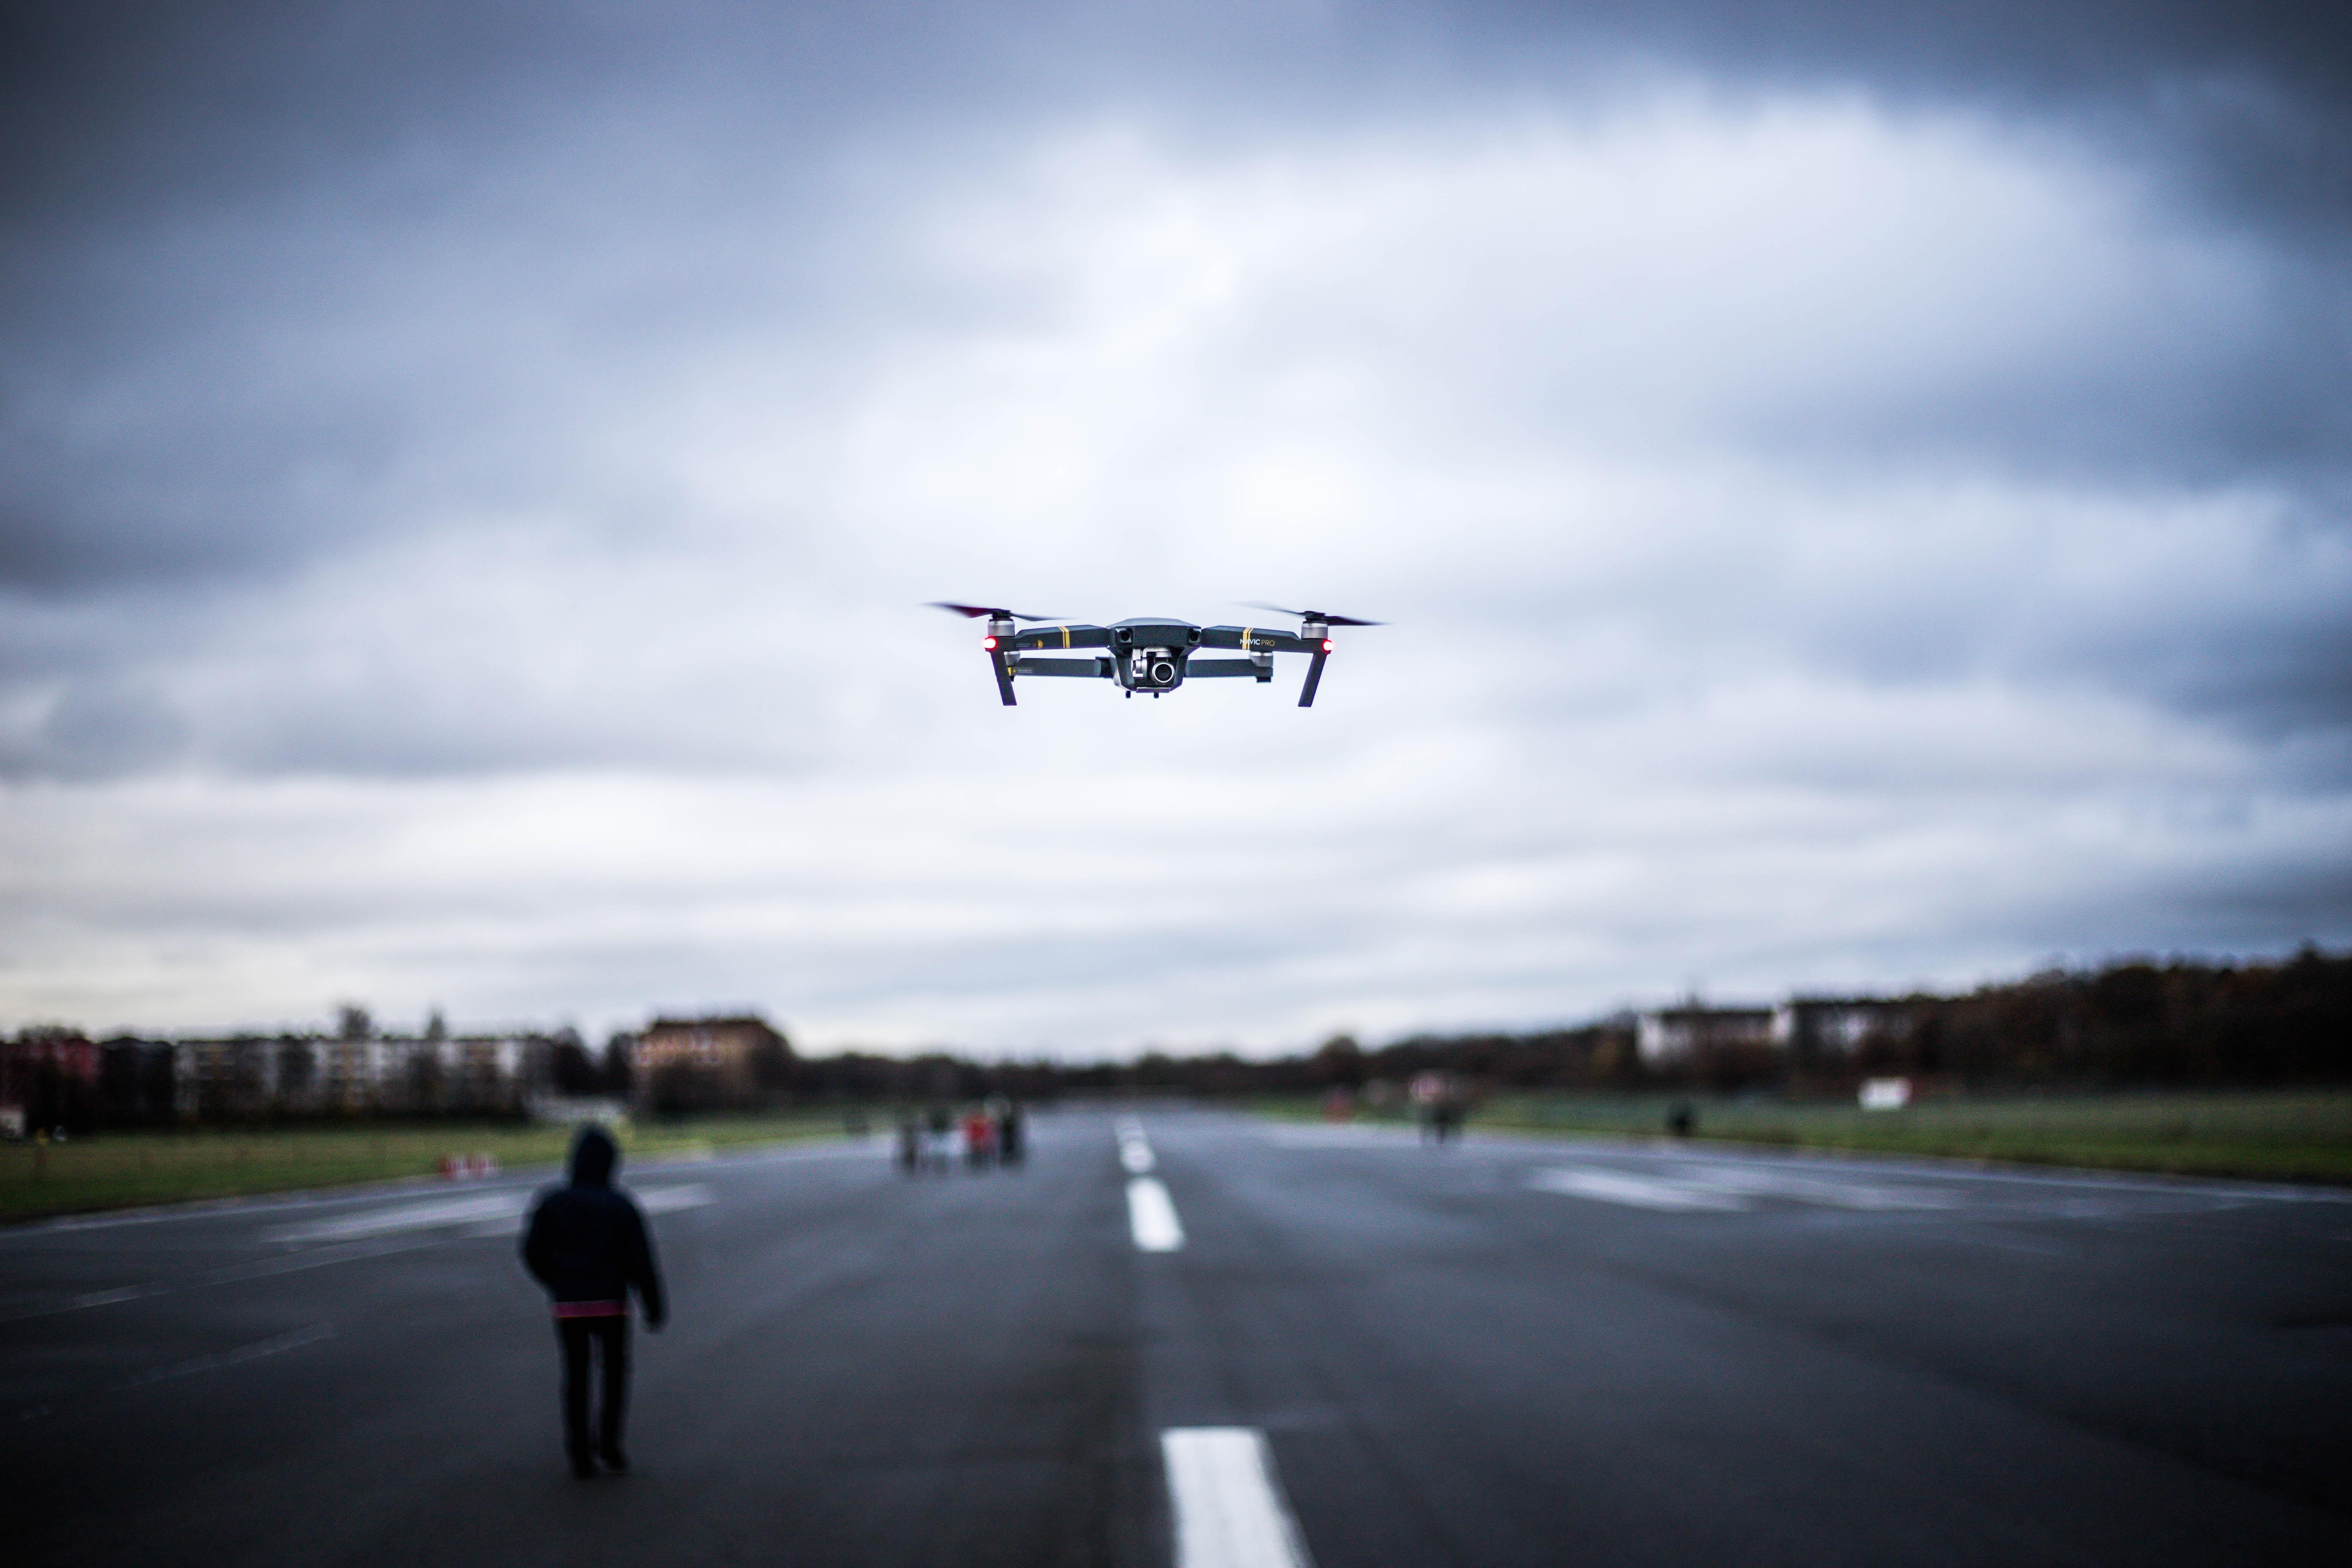 Dronenflug über Berlin, was ist erlaubt?